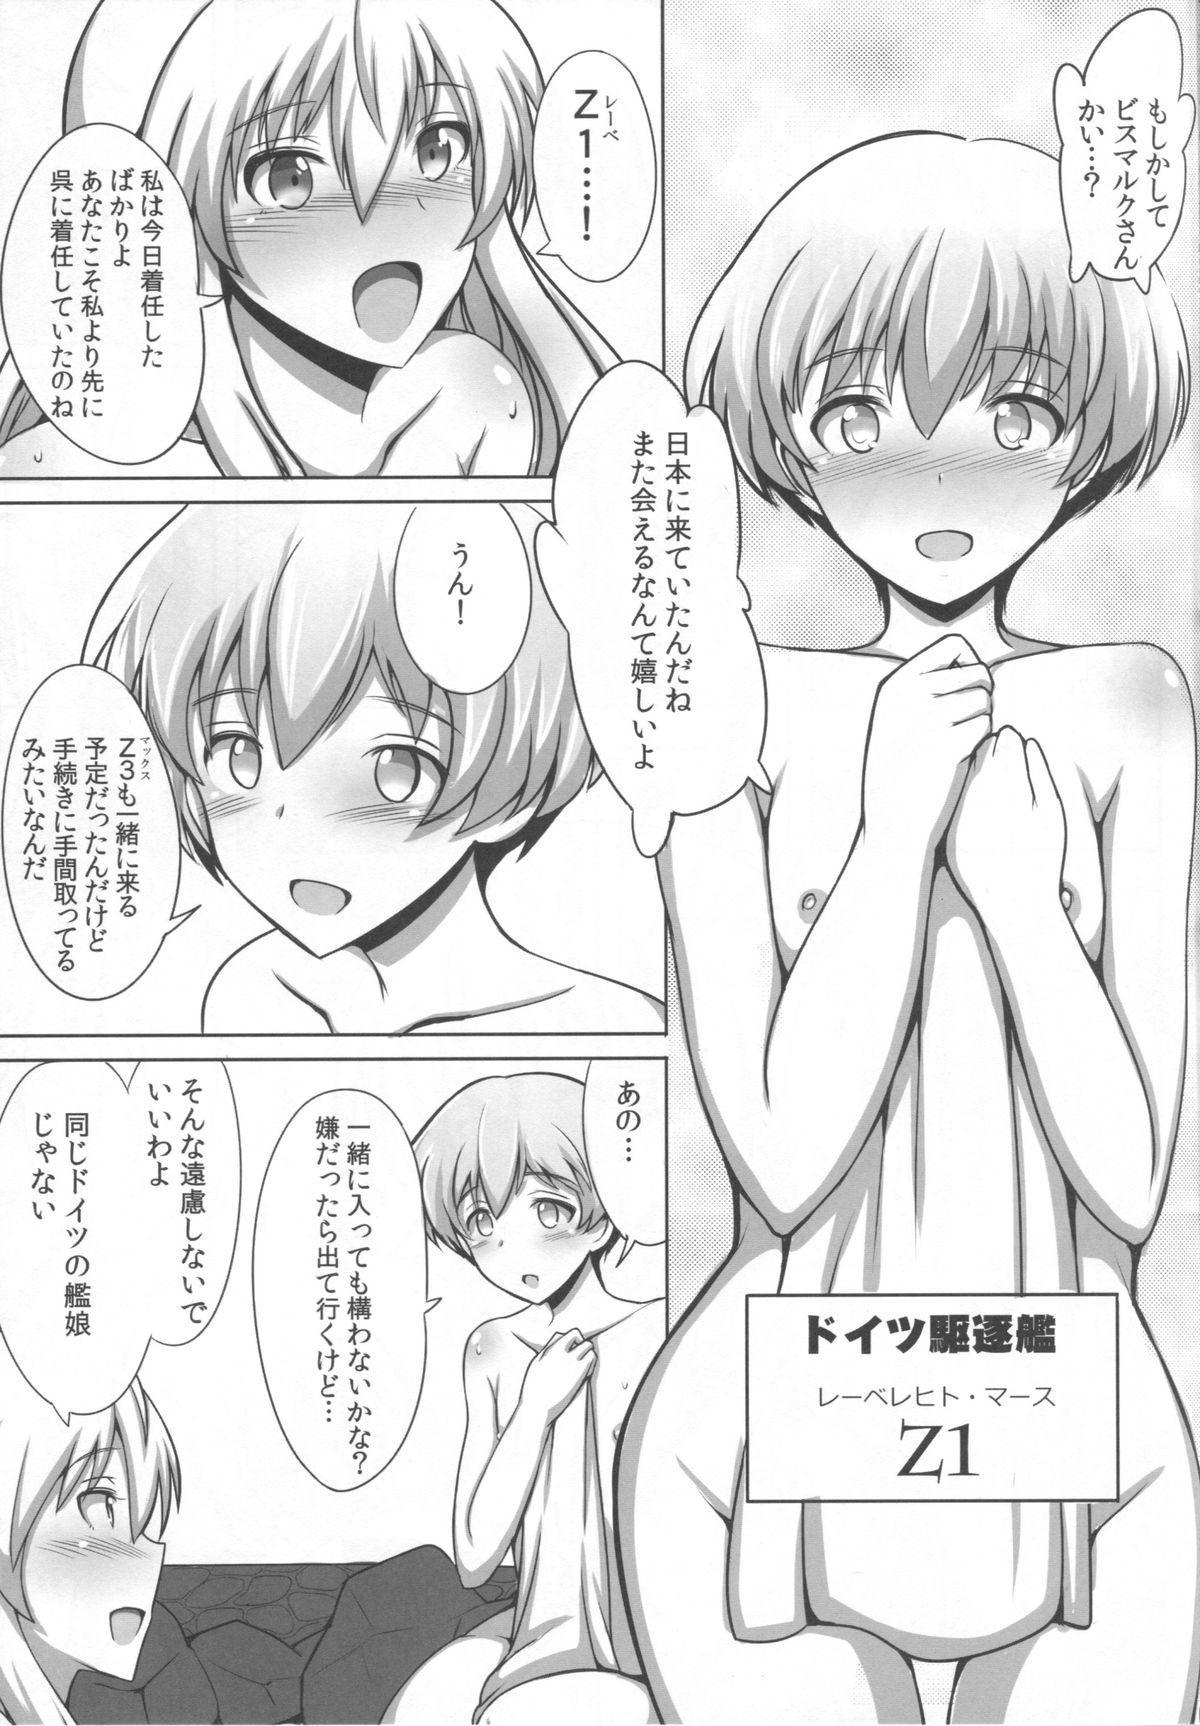 Doitsu Senkan wa Urotaenai 6